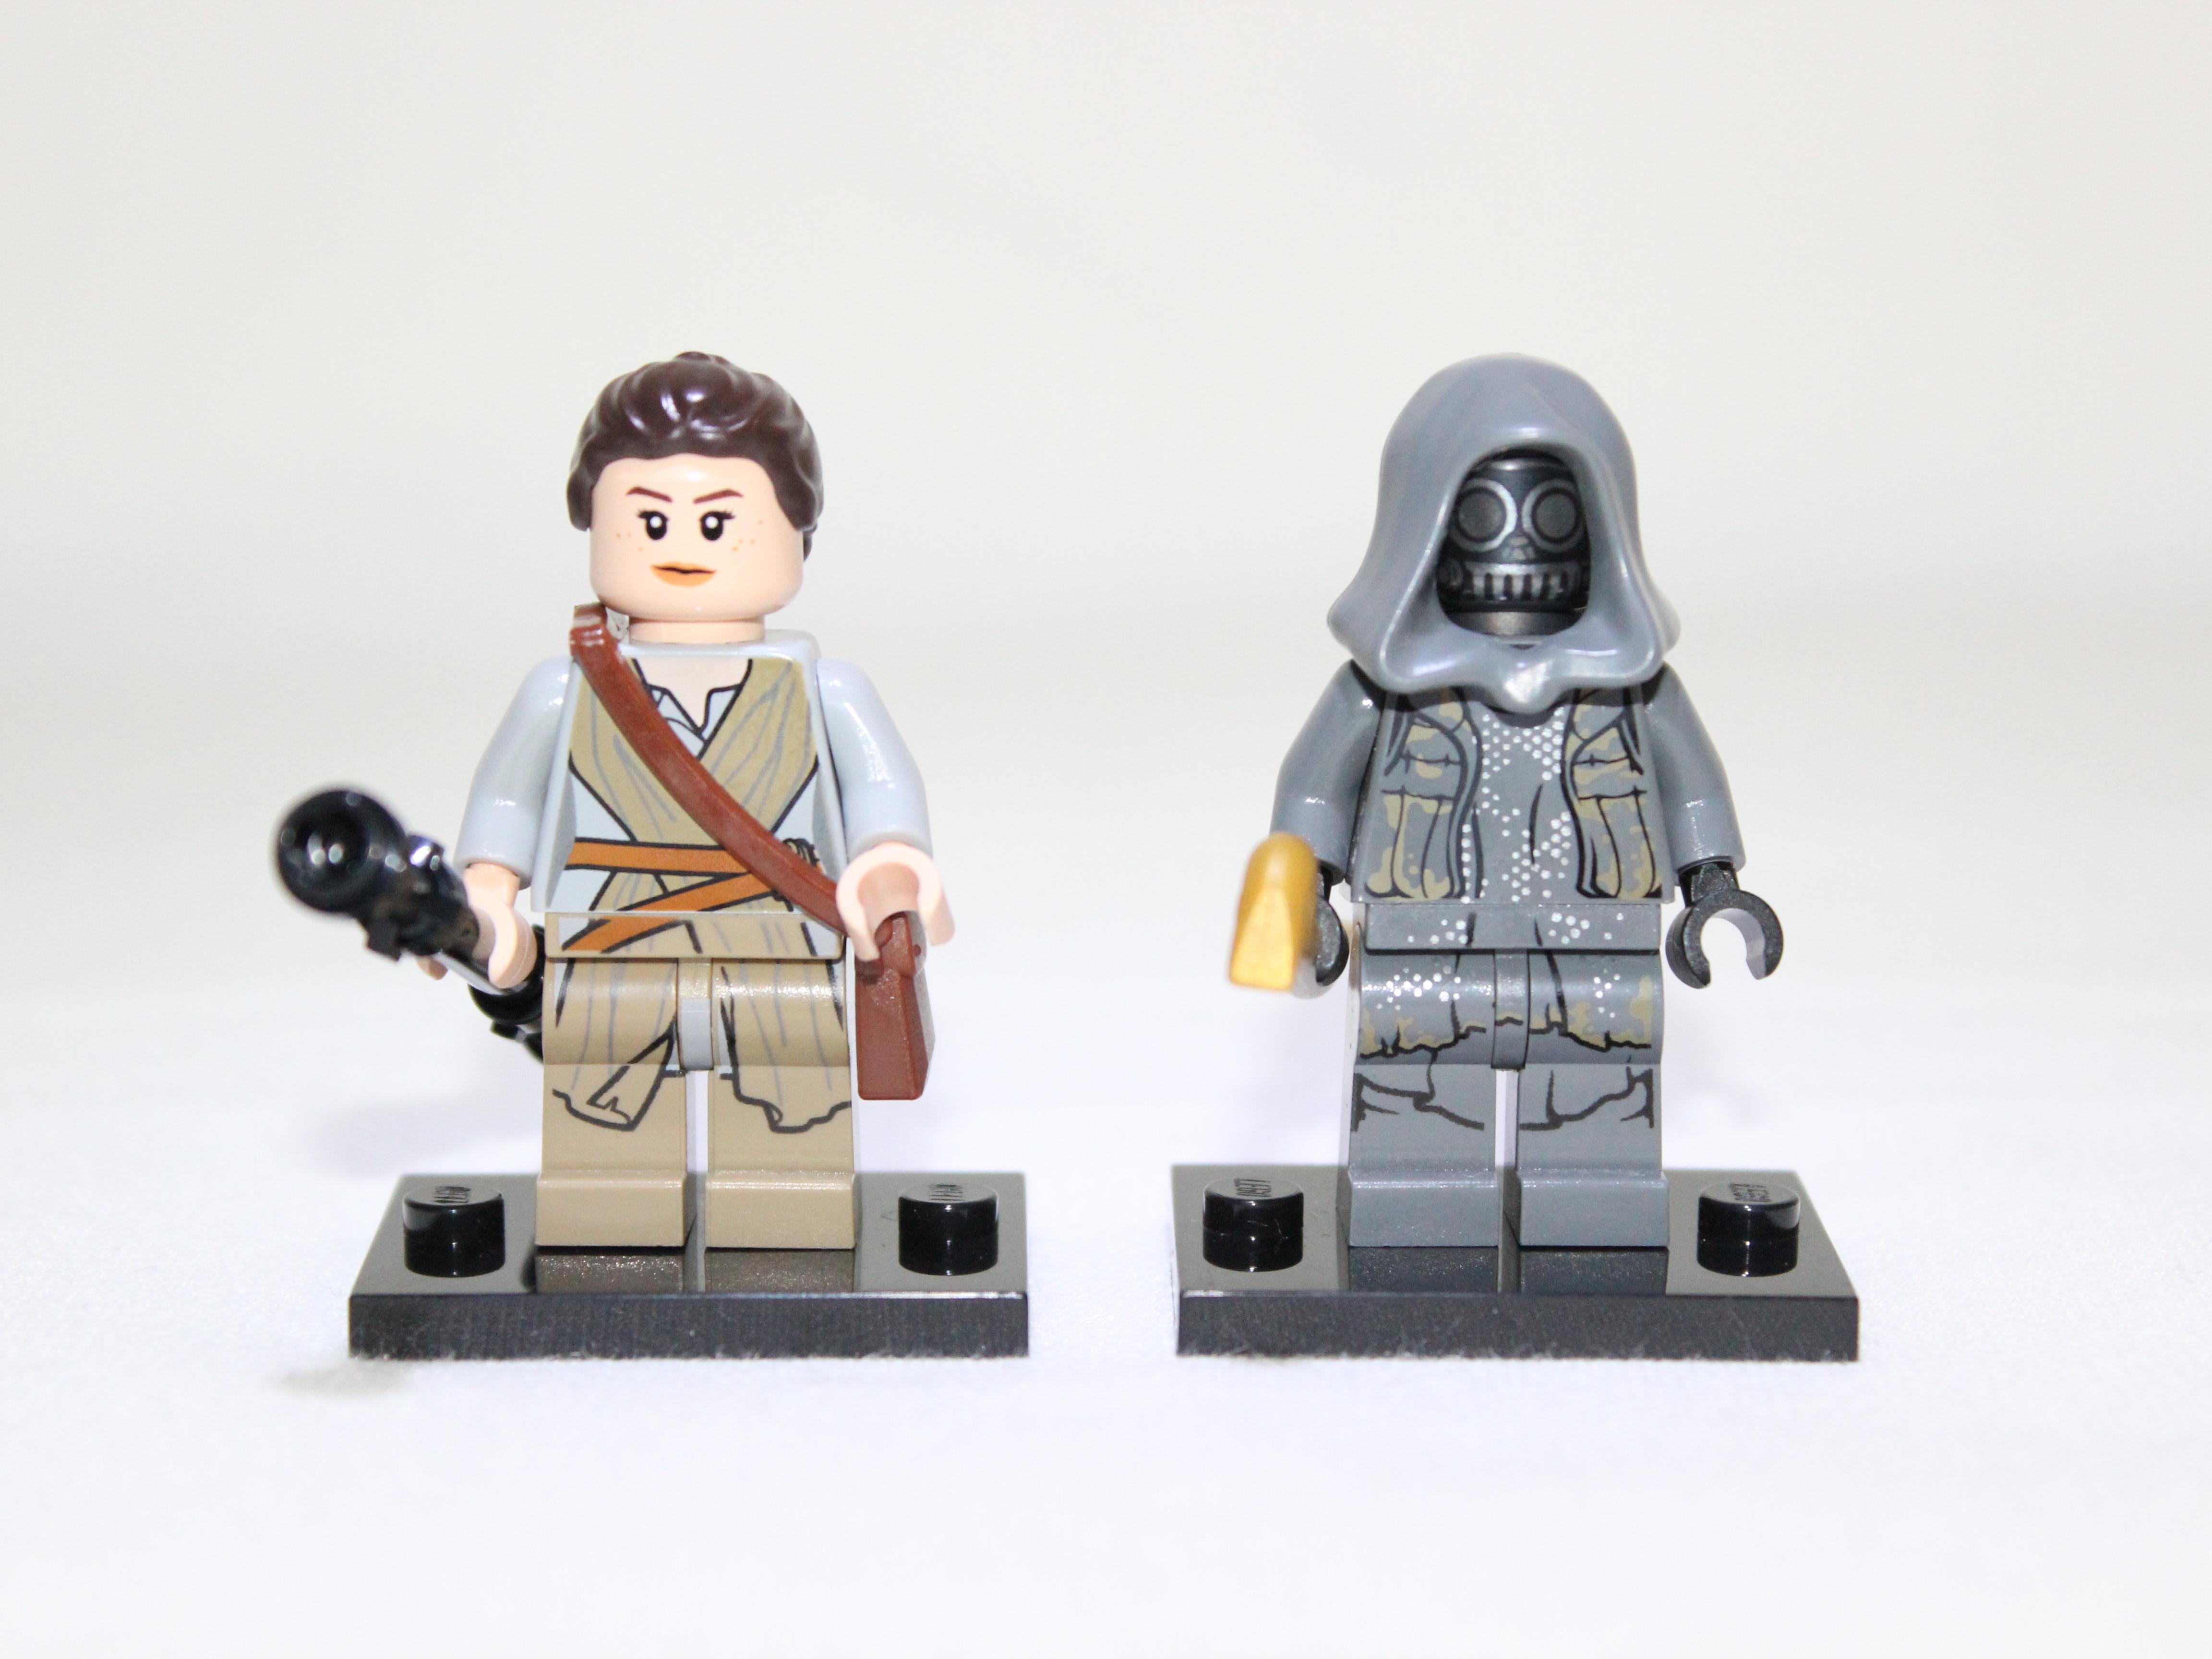 Lego Star Wars Reys Speeder 75099 Review Truthfulnerd